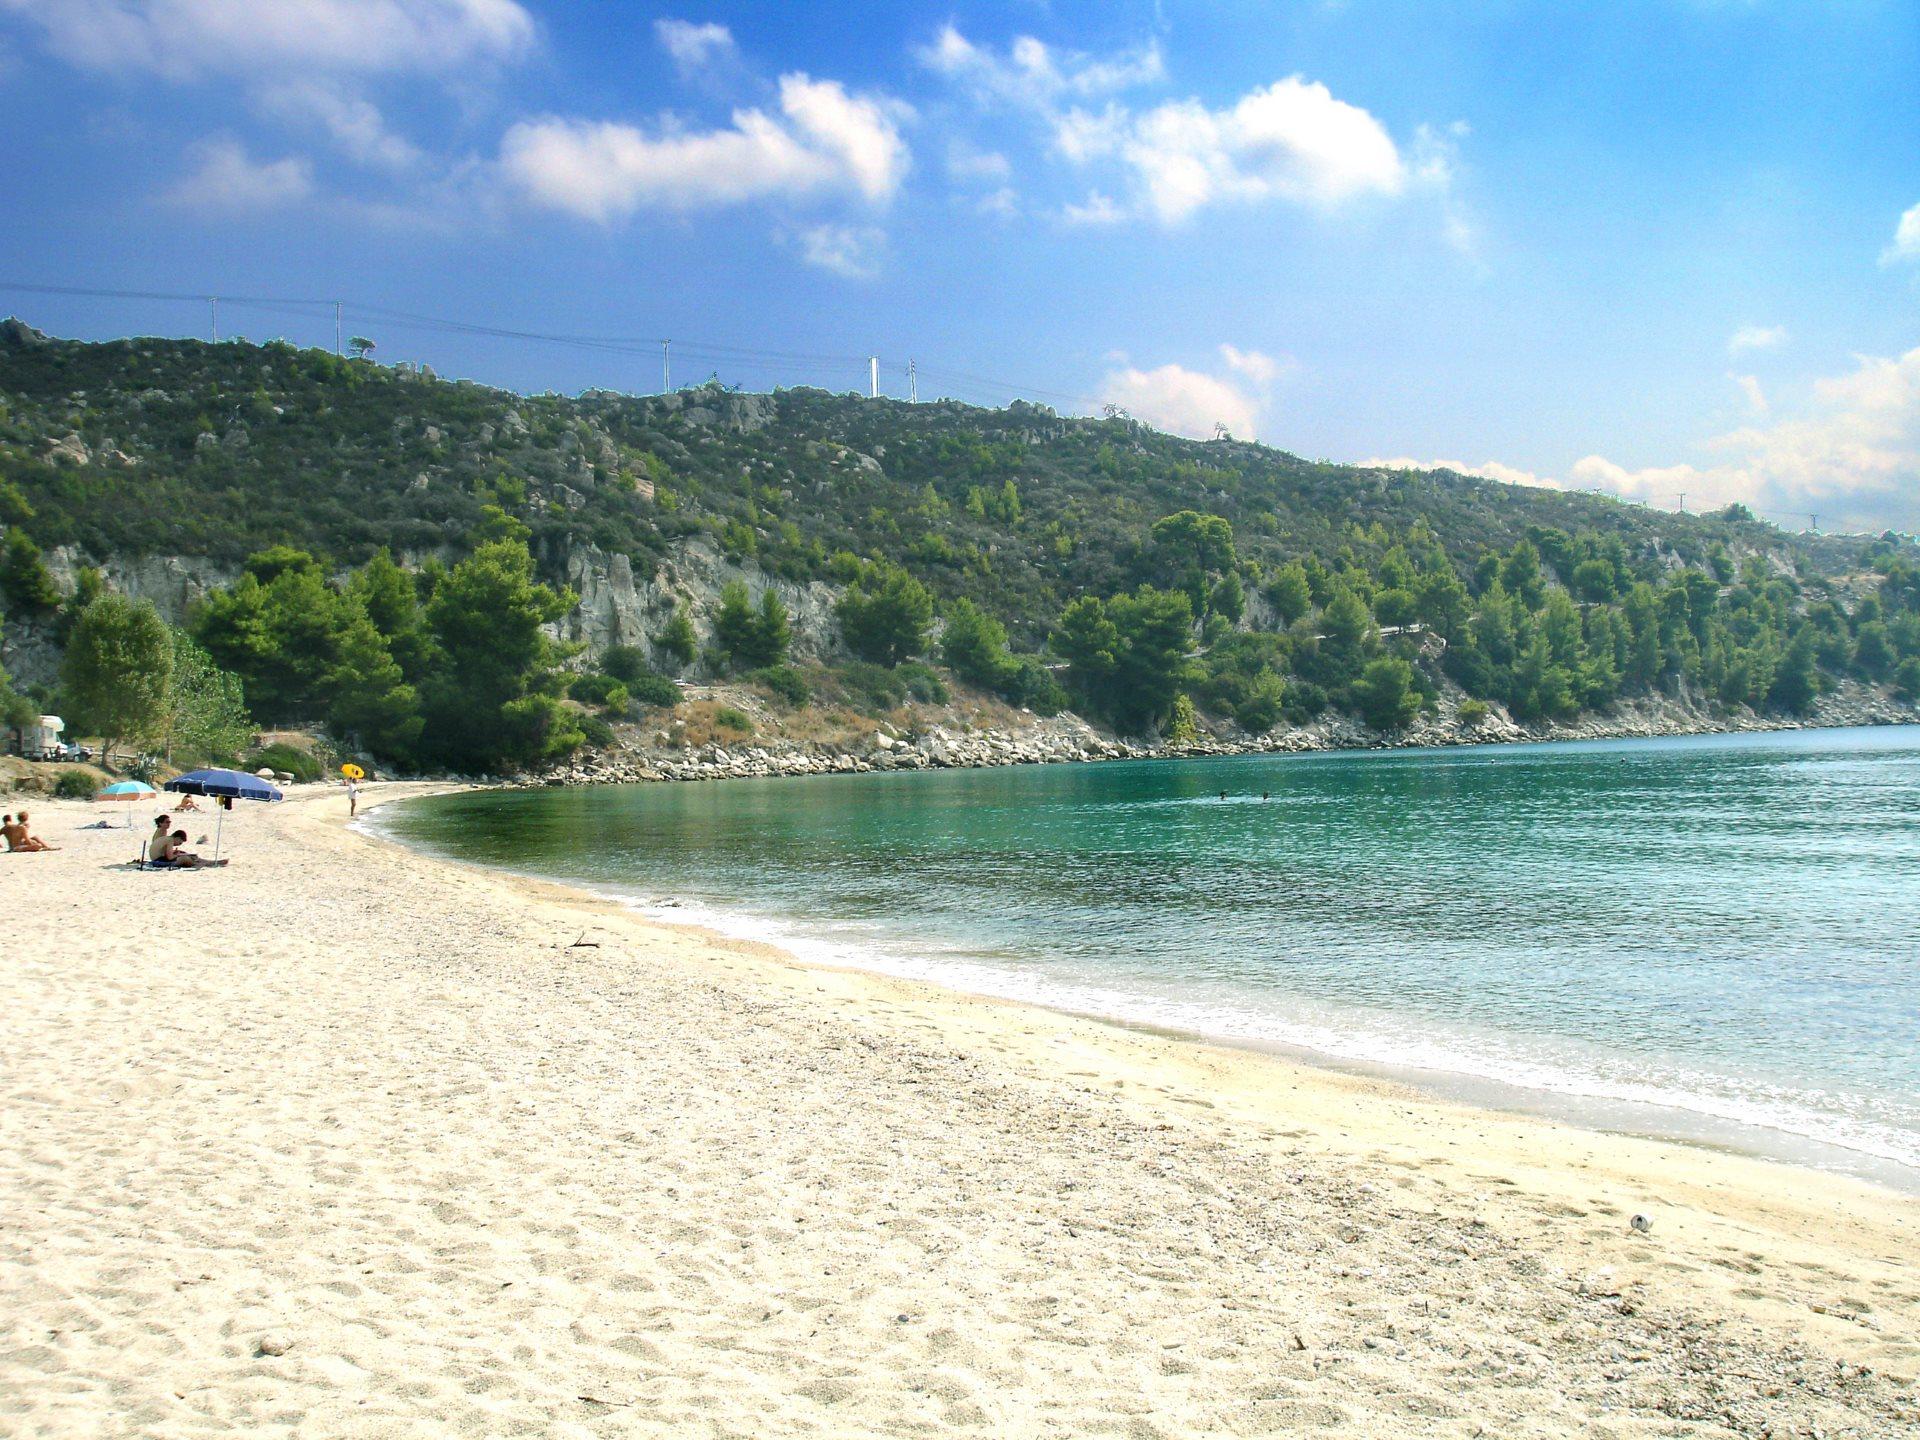 Η παραλία του Νέου Μαρμαρά